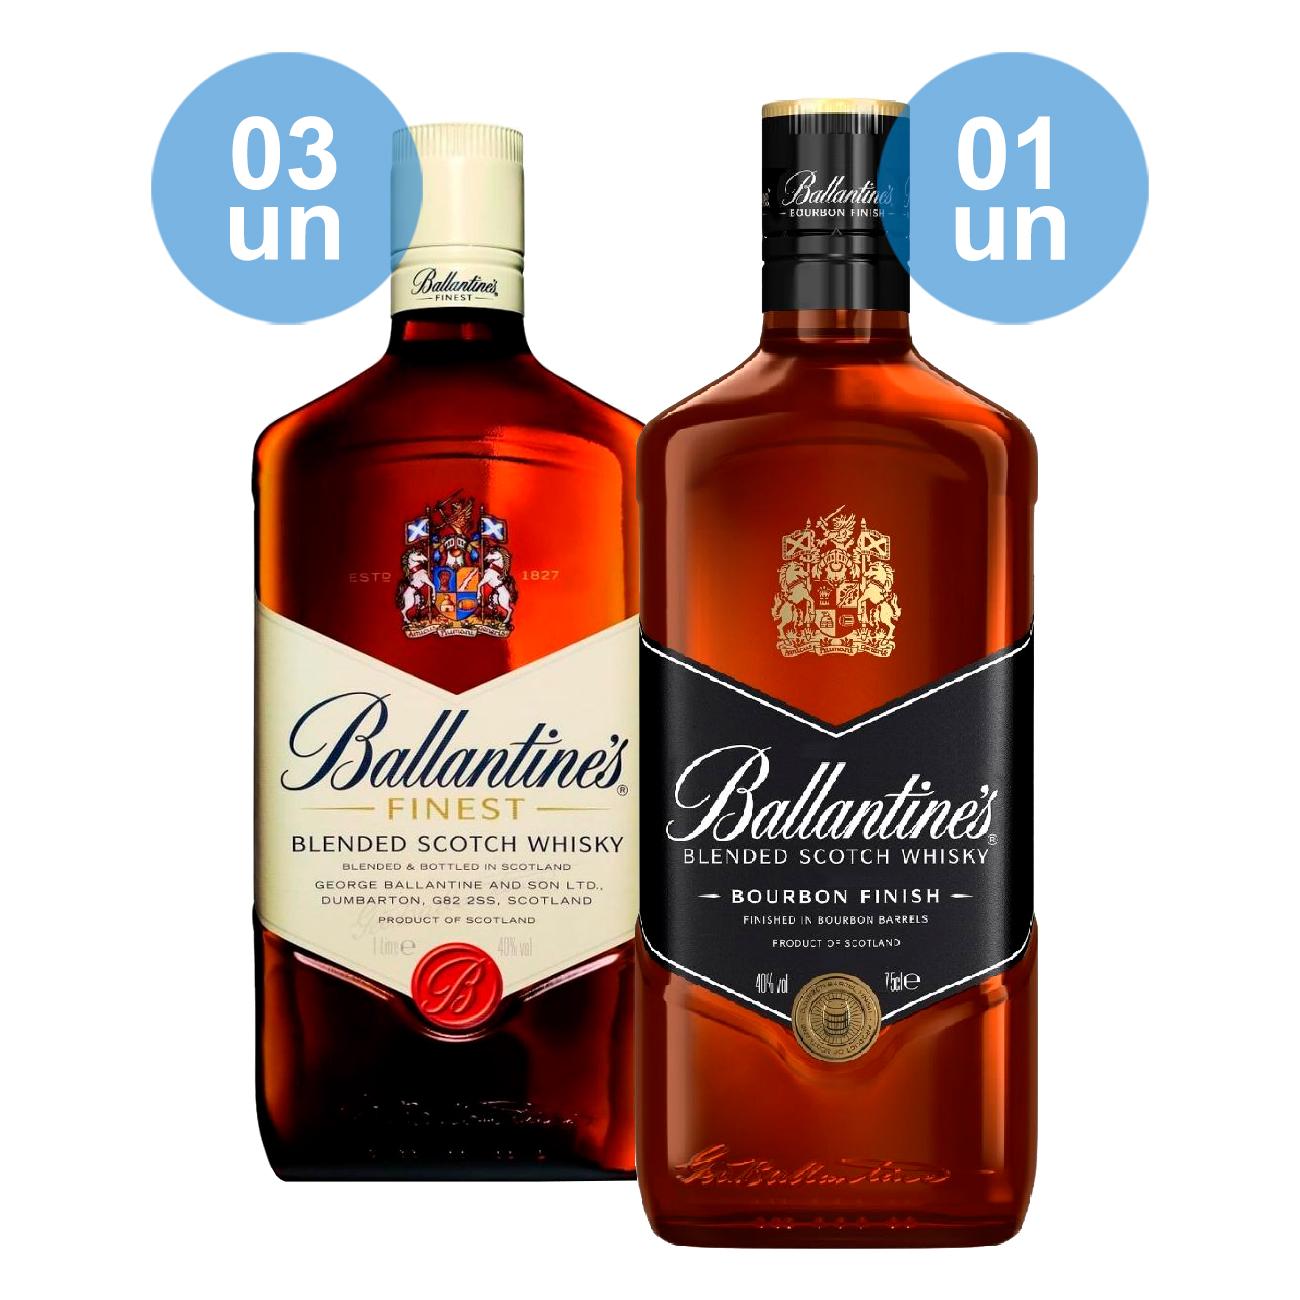 Combo Compre 03 Ballantine's Finest 750mL e ganhe 01 Ballantine's Bourbon